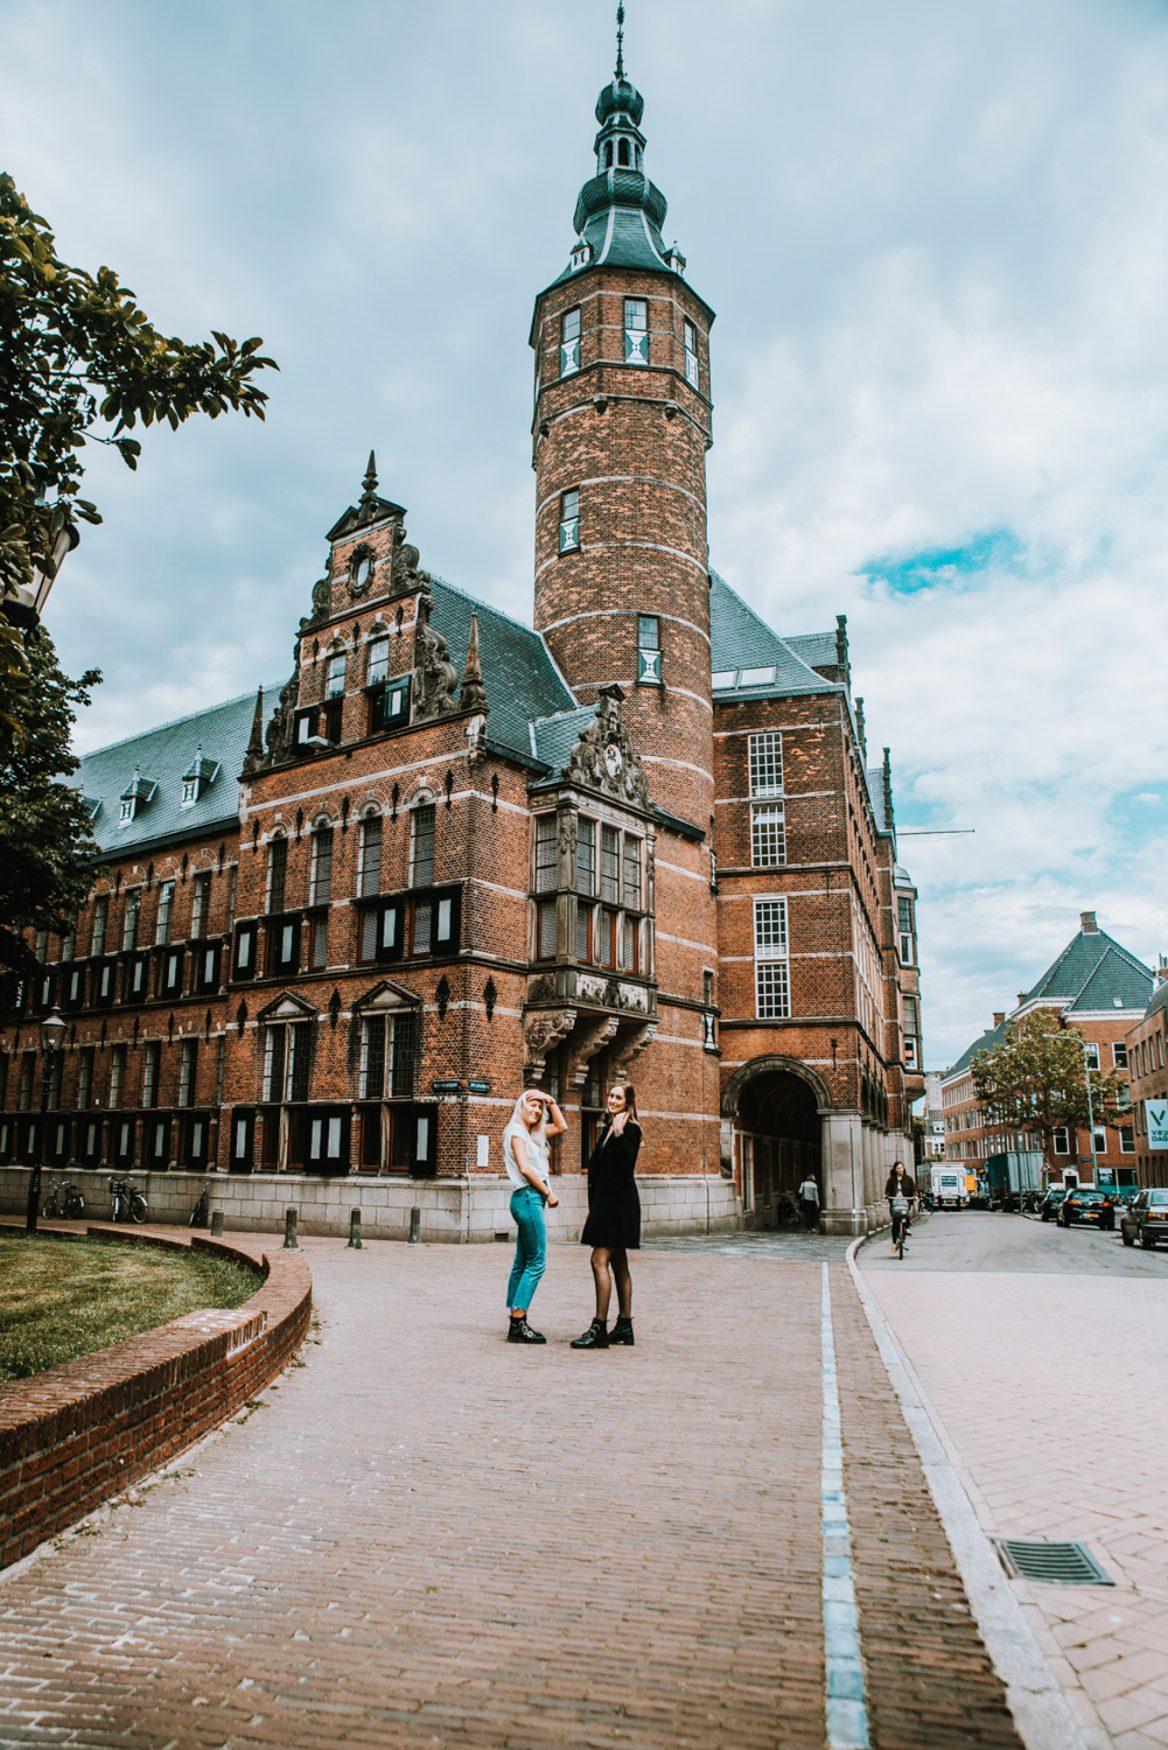 Facebook citytour Groningen - Provinciehuis